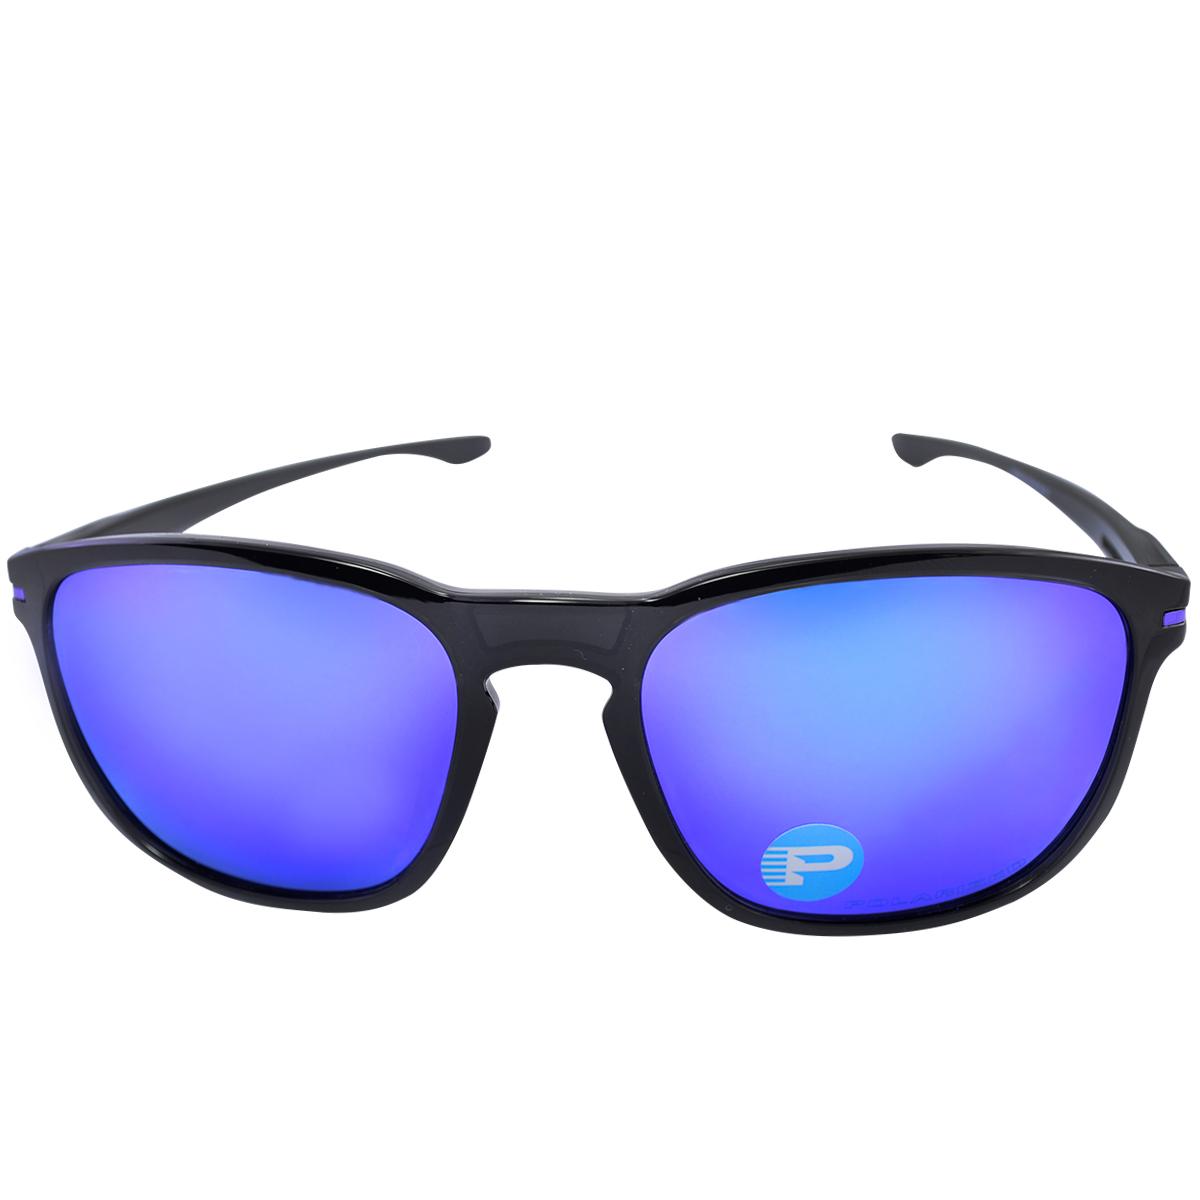 Óculos Oakley Enduro Black Ink Lente Violet Iridium Polarizado ref ... 5f909187ba